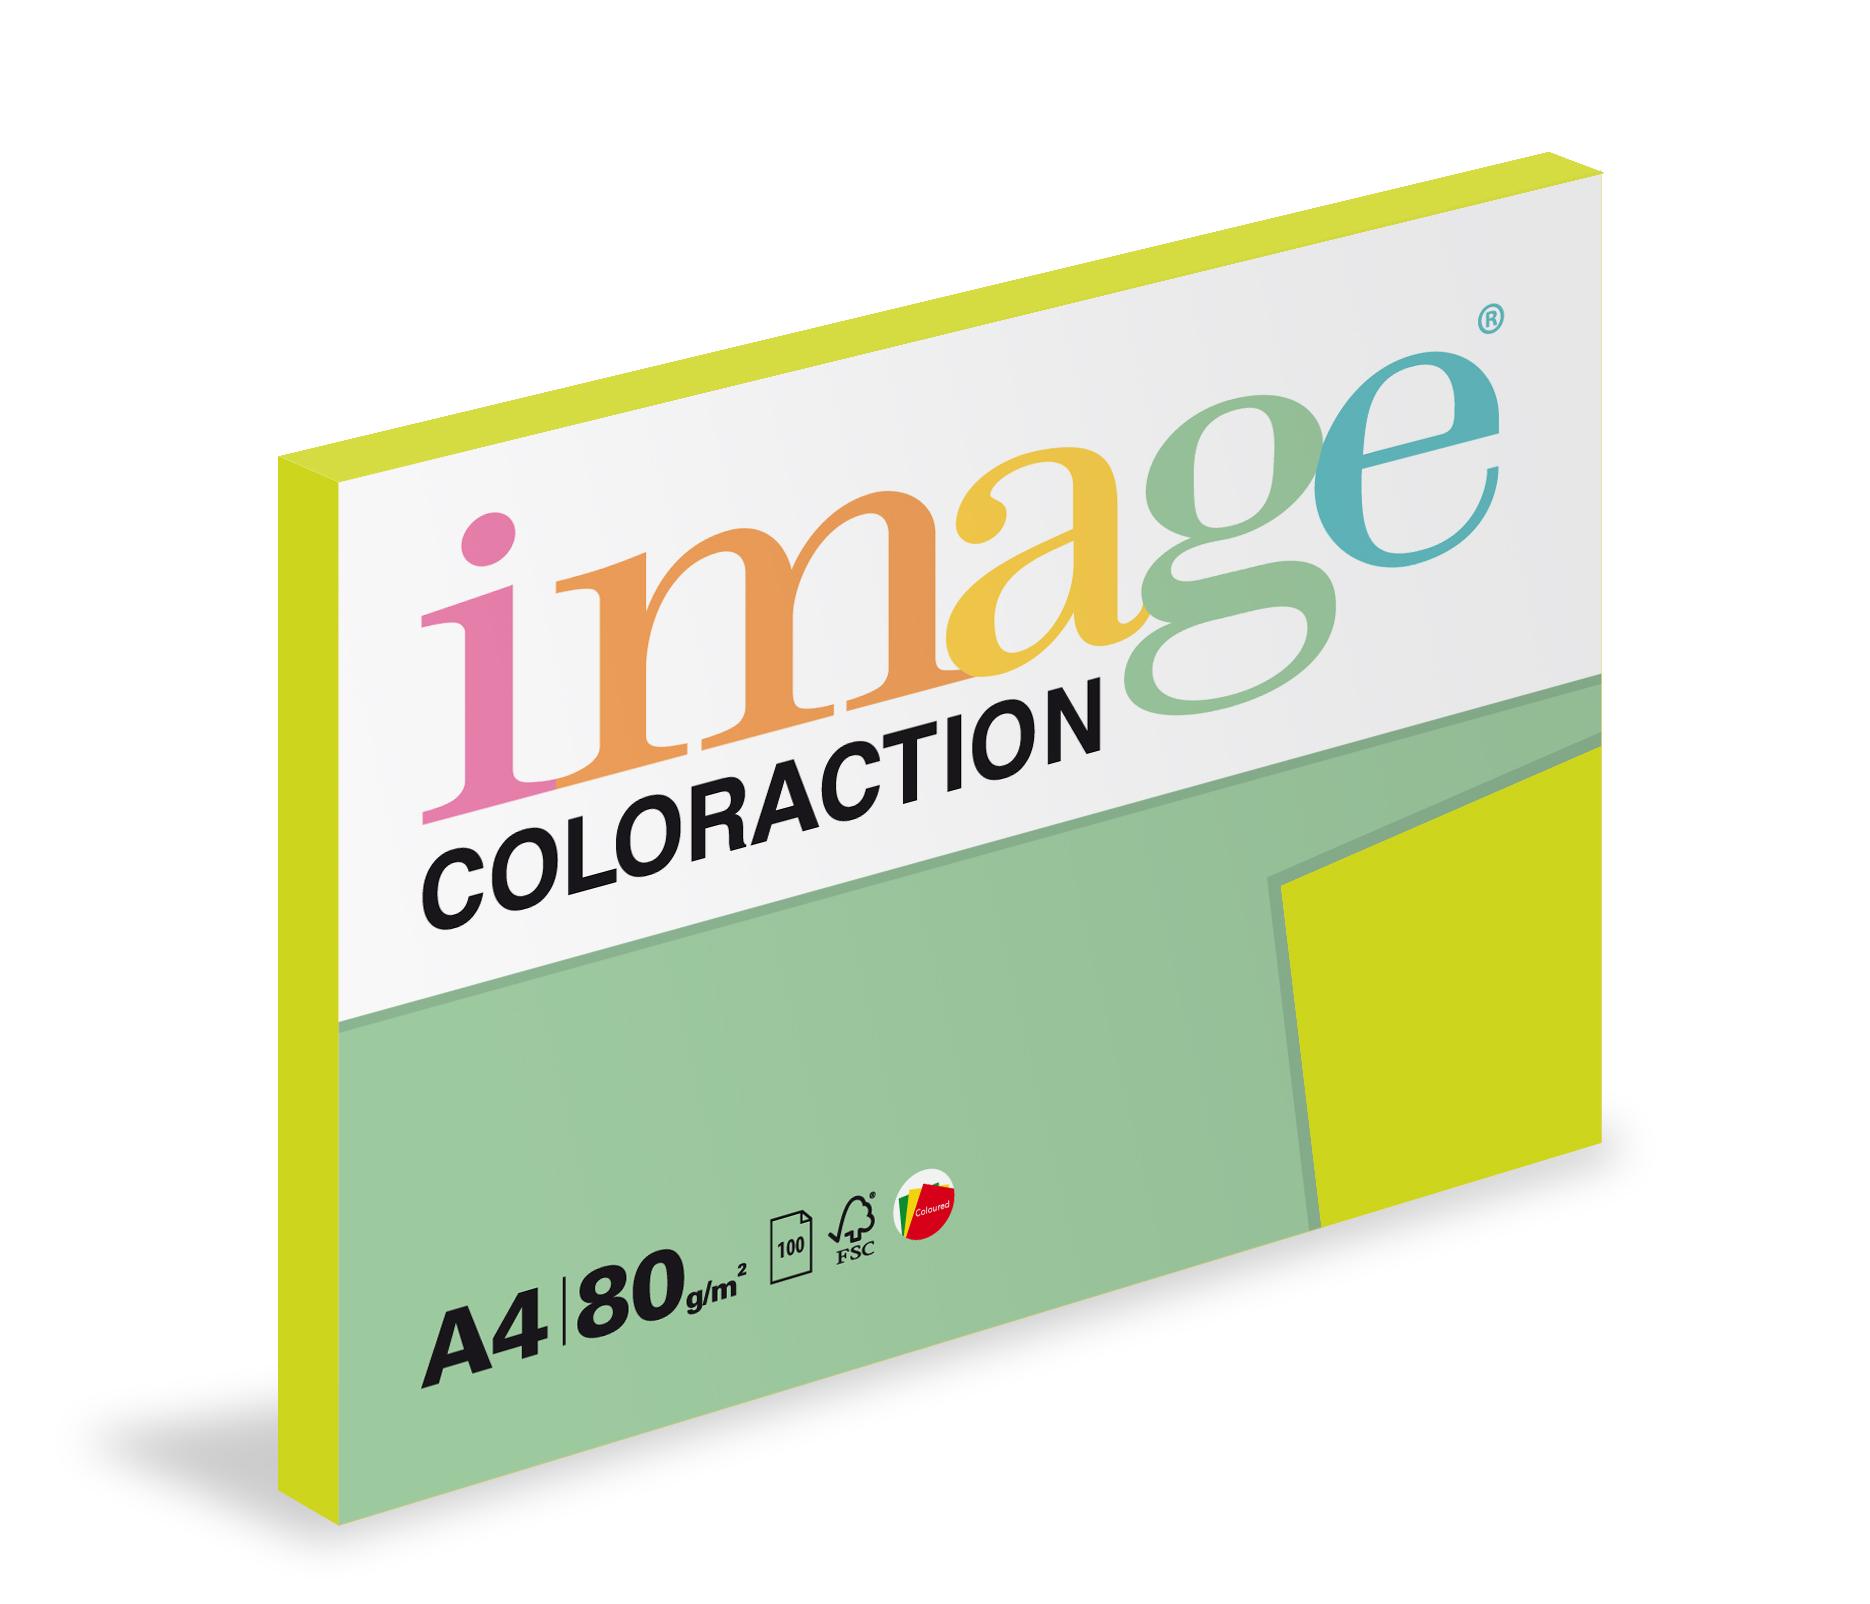 Xerografický papír barevný Coloraction 100 listů - NeoGr Rio / reflexní zelená / 100 listů